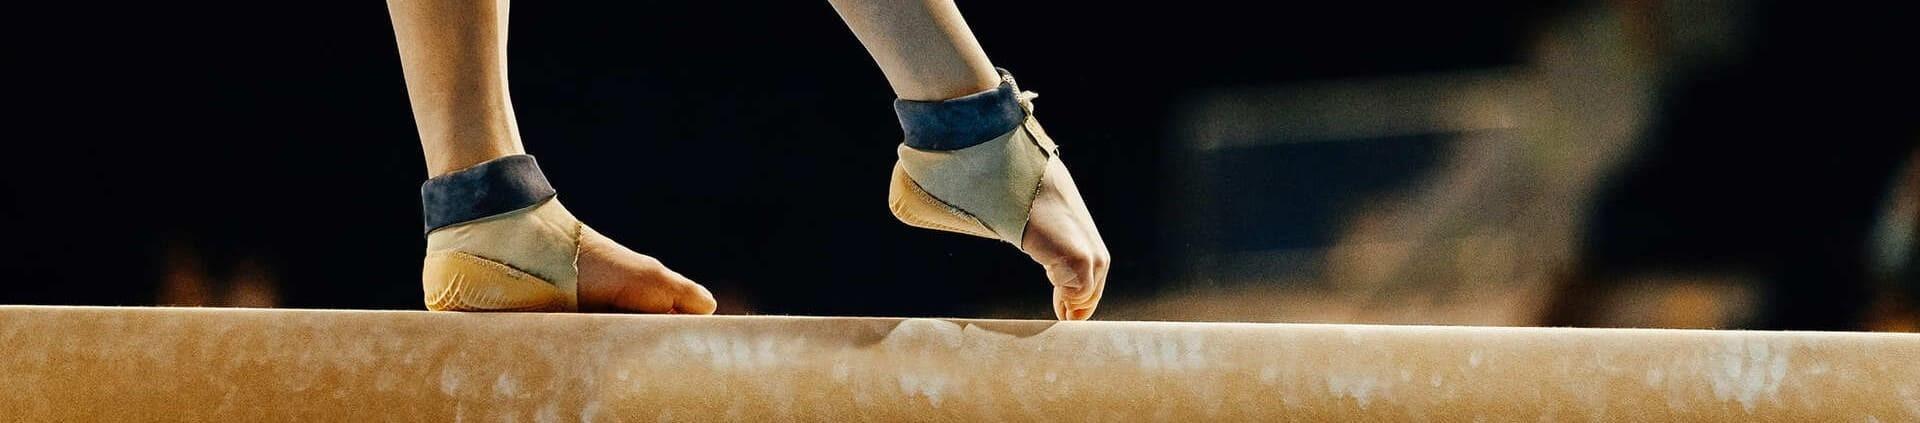 Wyposażenie do gimnastyki - Powerman Sport